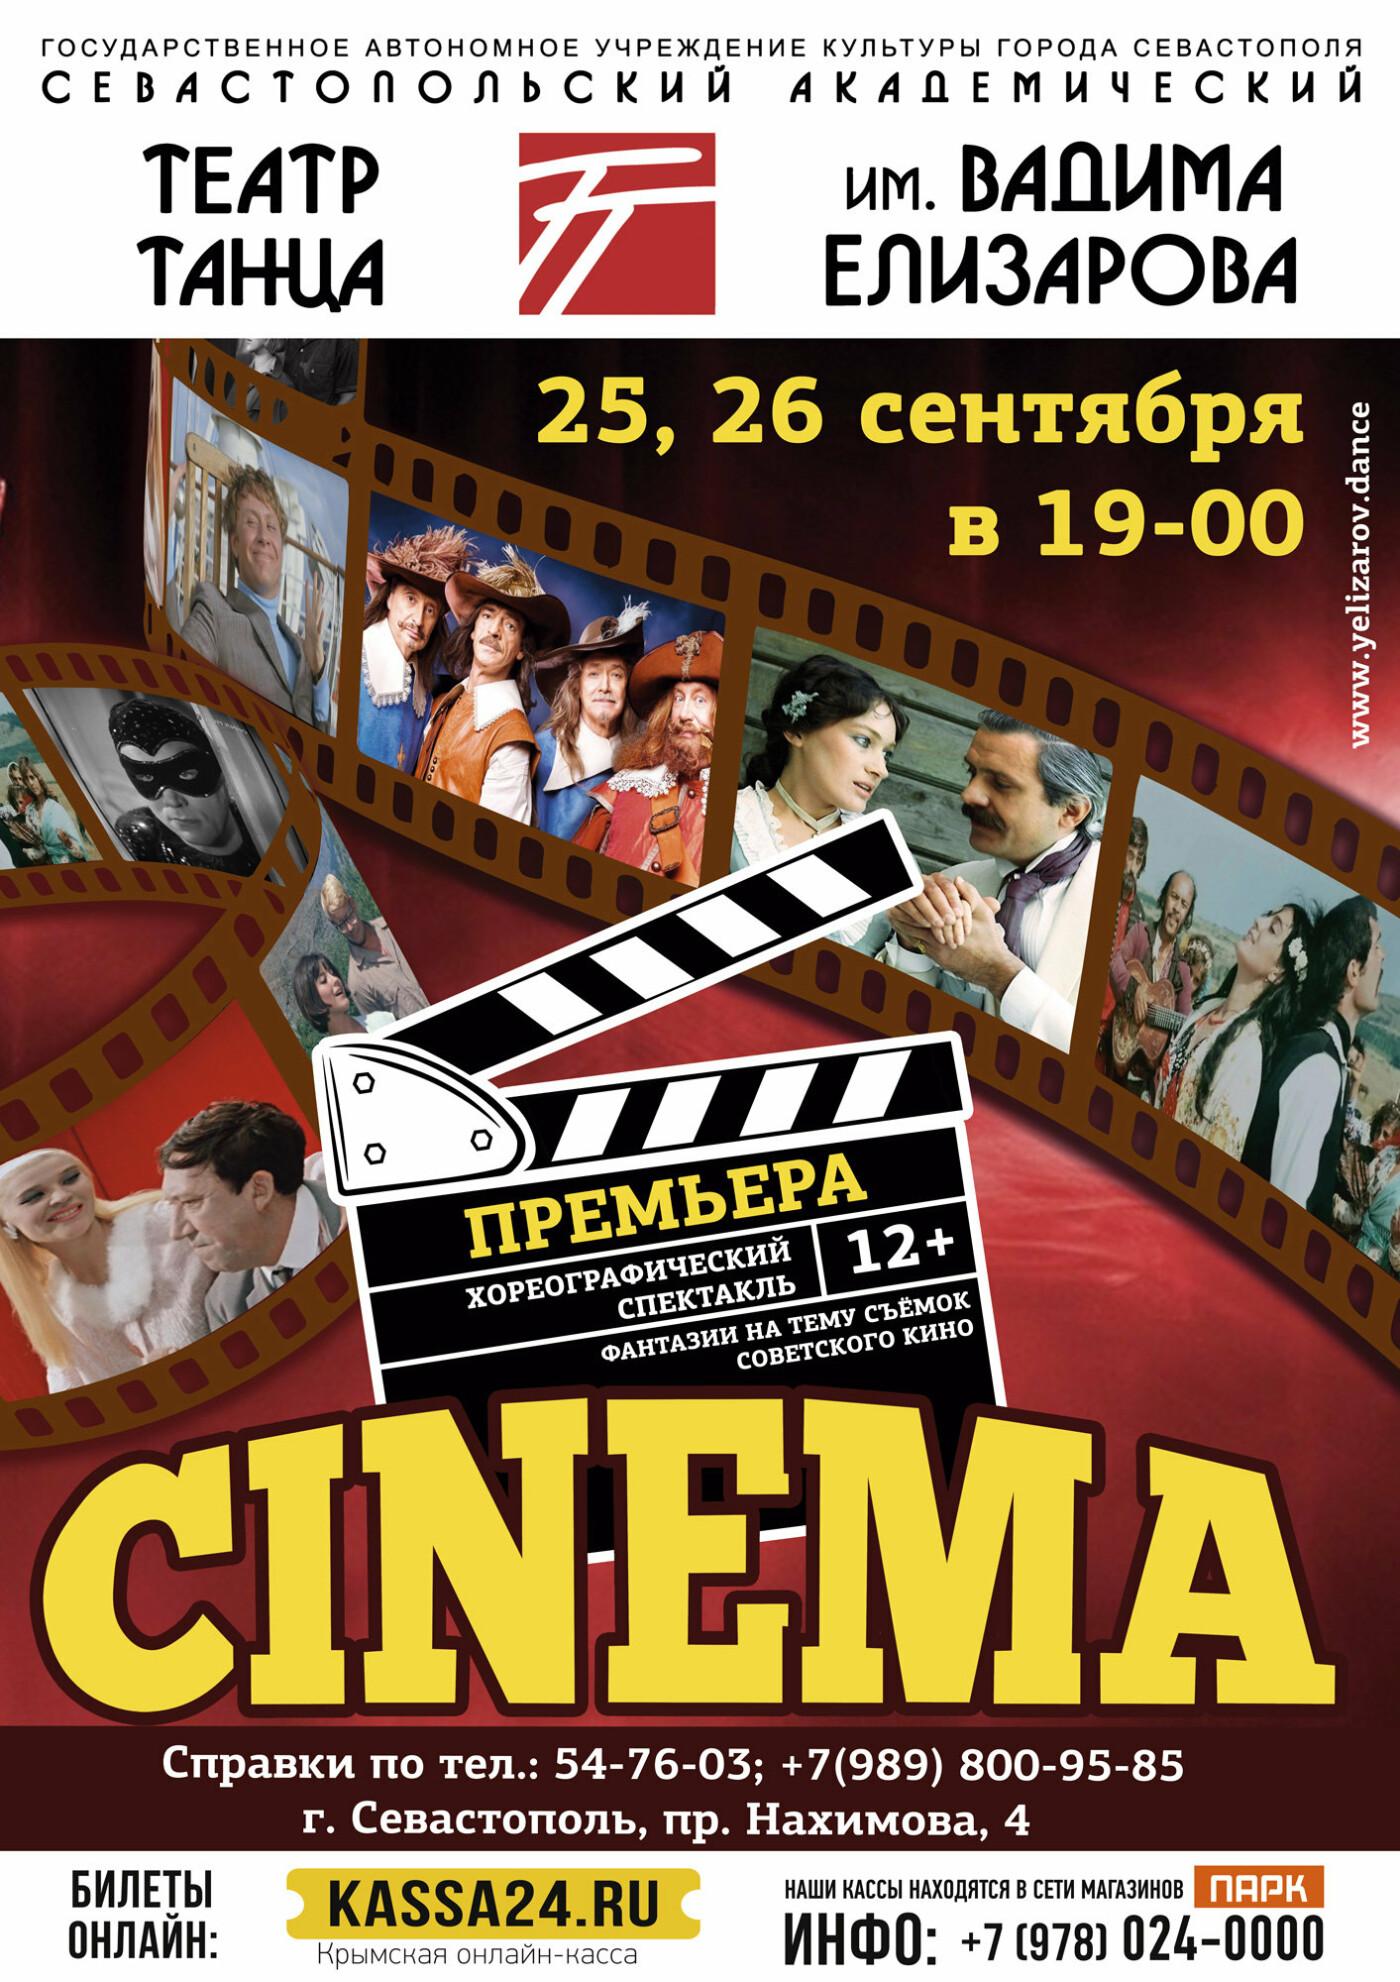 В театре танца имени Вадима Елизарова готовят премьерный спектакль